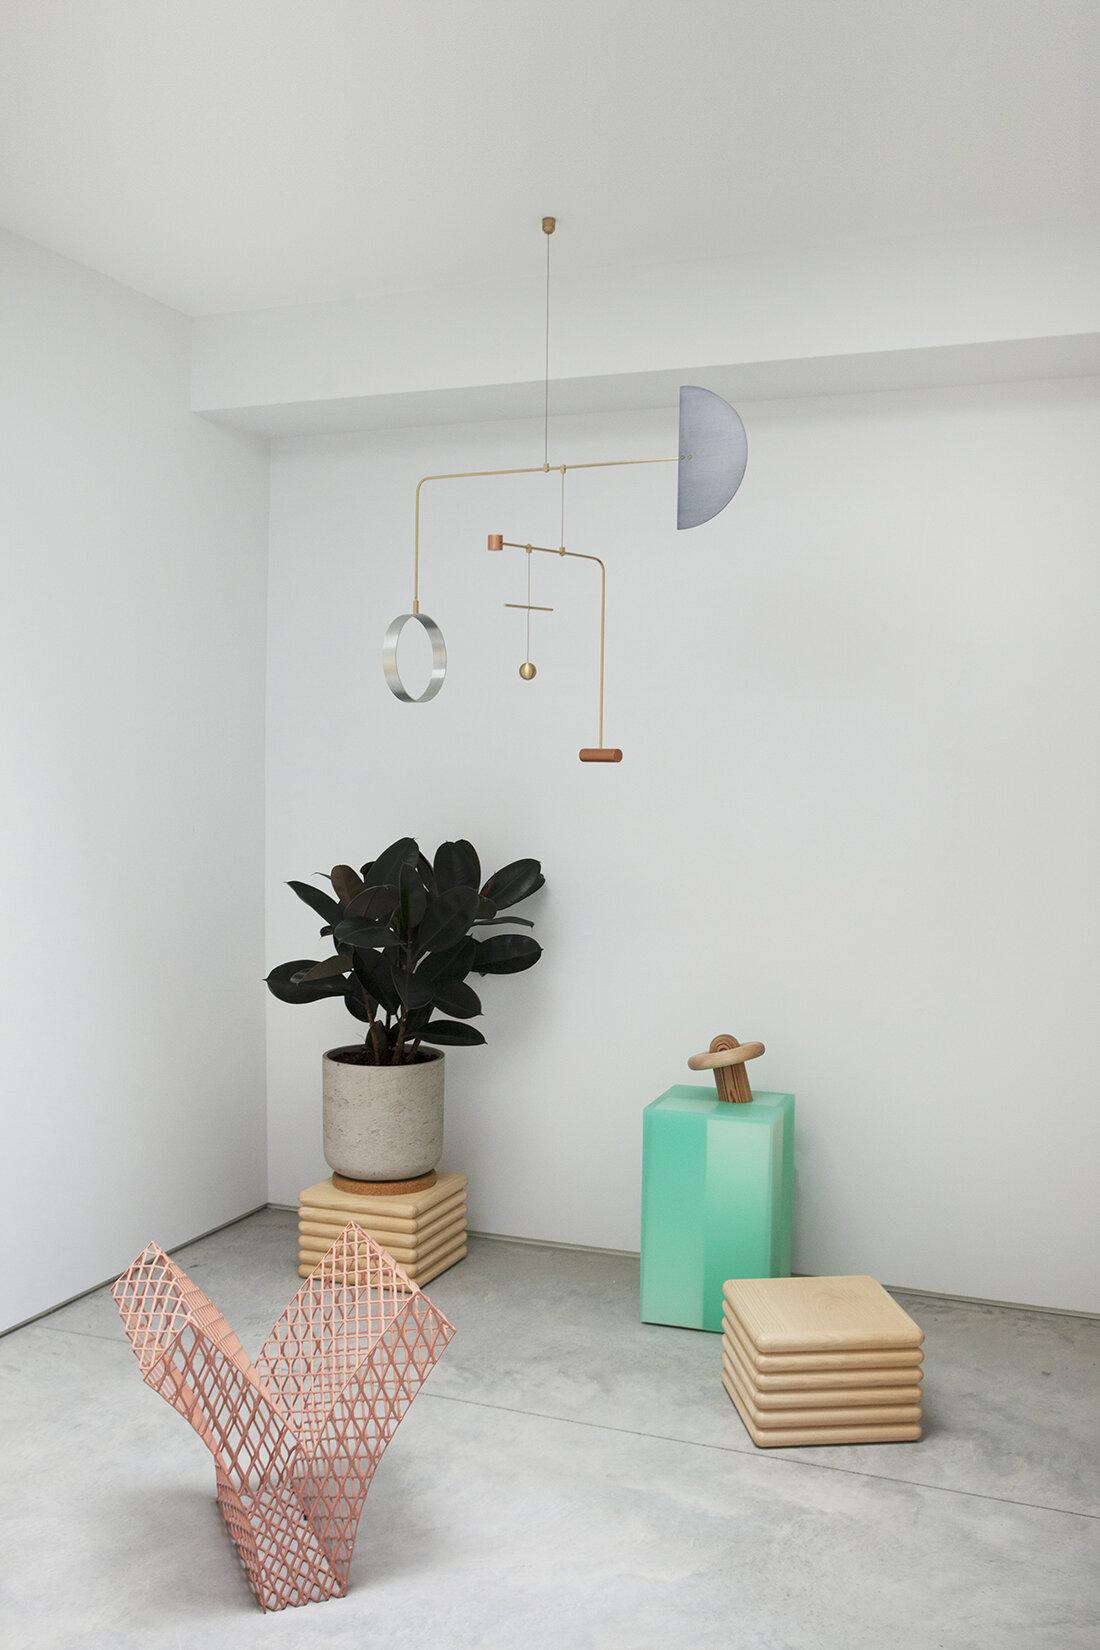 Sculpture and artistry from Ladies & Gentlemen Studio